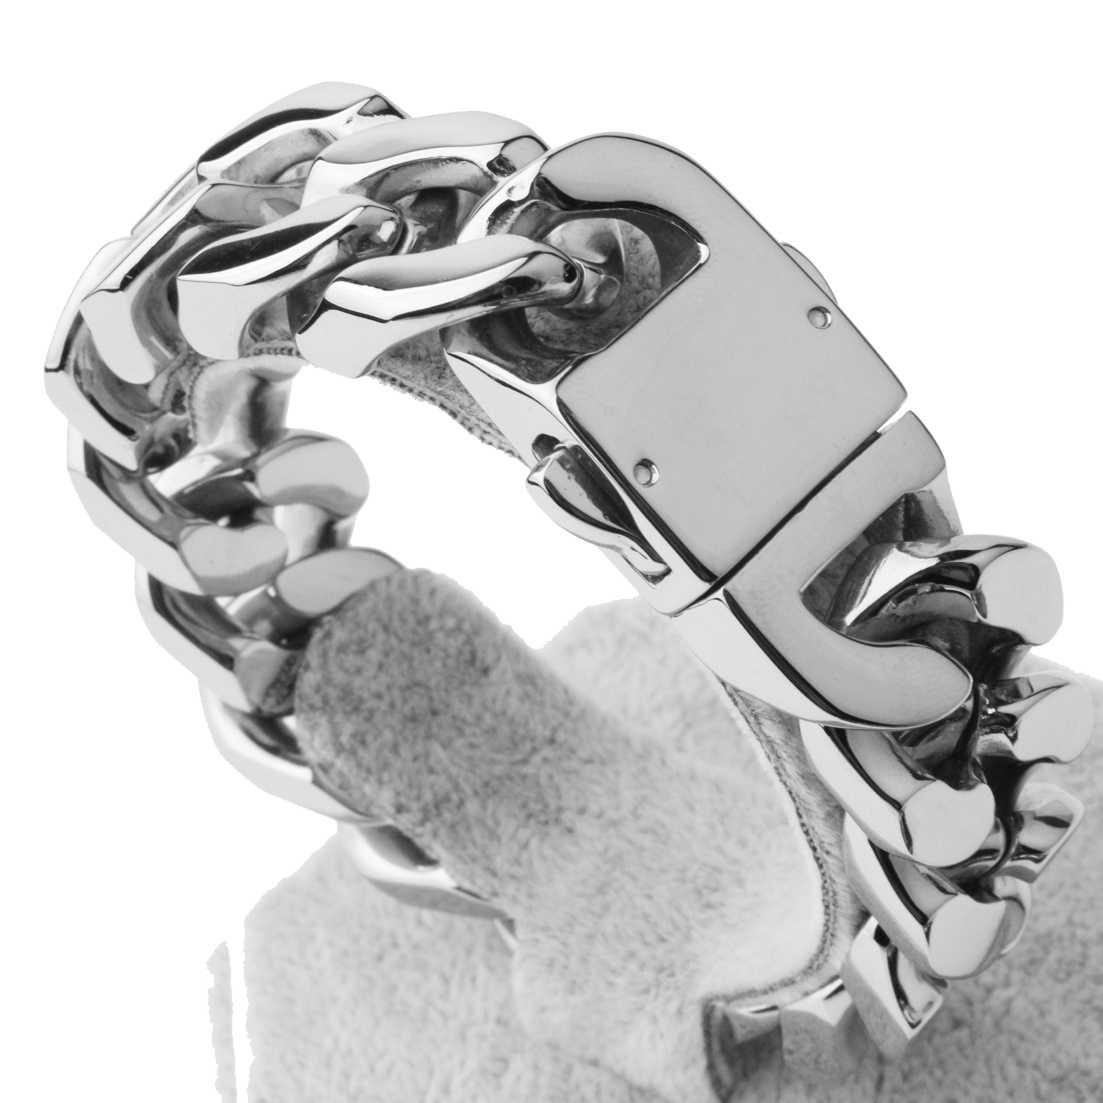 20mm מלוטש כסף/זהב/שחור צבע Cut לרסן קובני קישור 316L נירוסטה צמיד Mens שרשרת בני סיטונאי תכשיטים